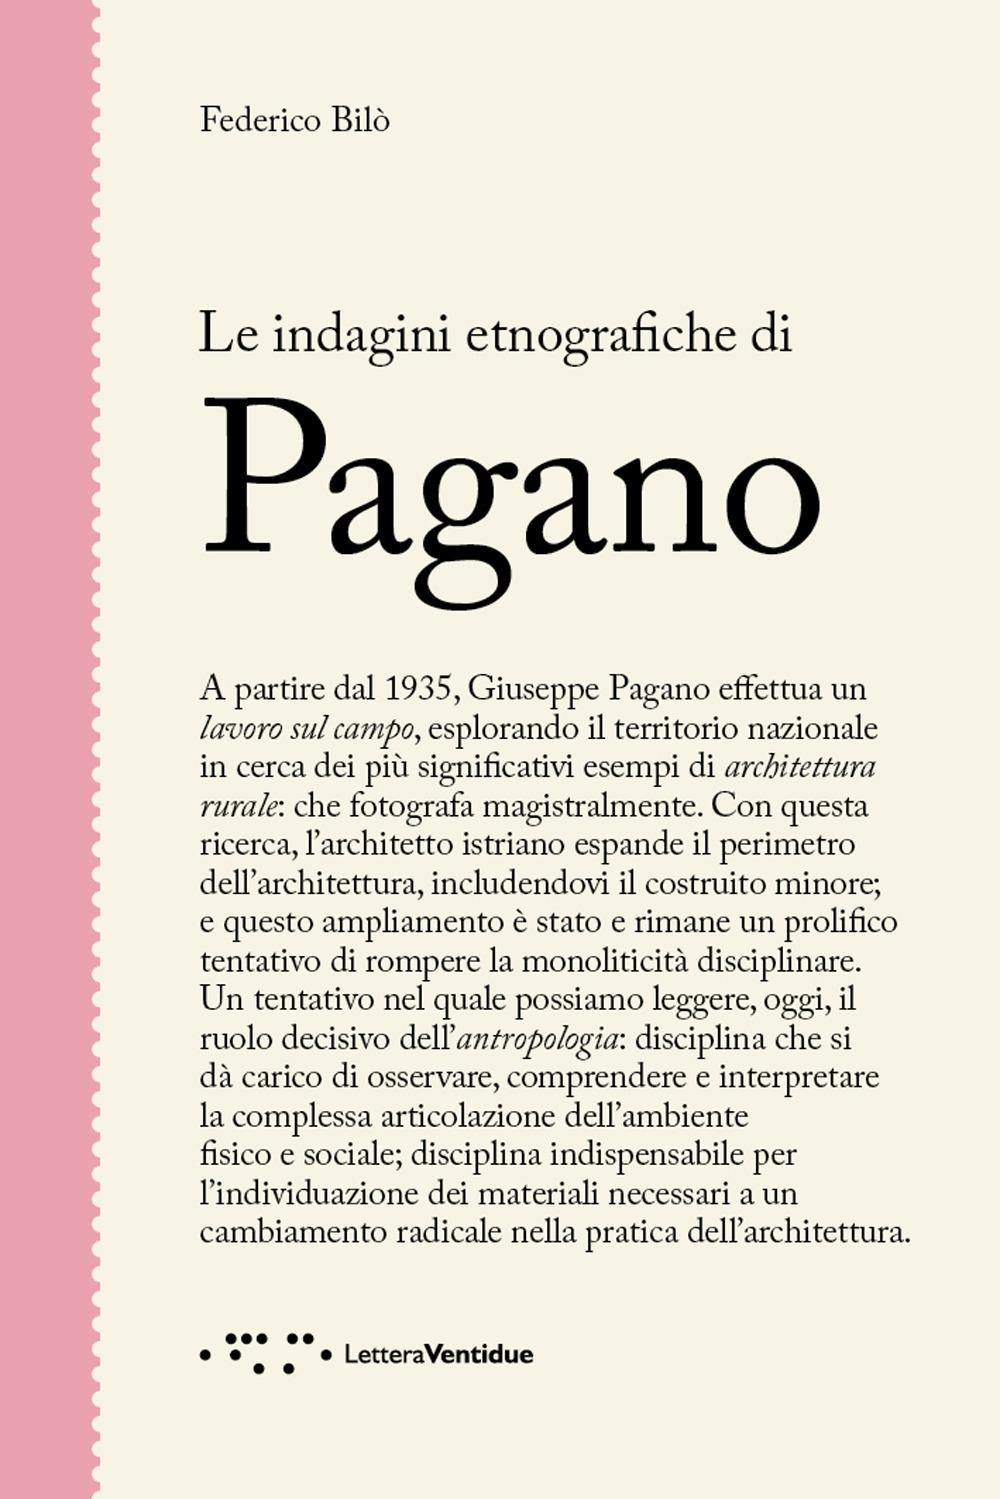 Le indagini etnografiche di Pagano